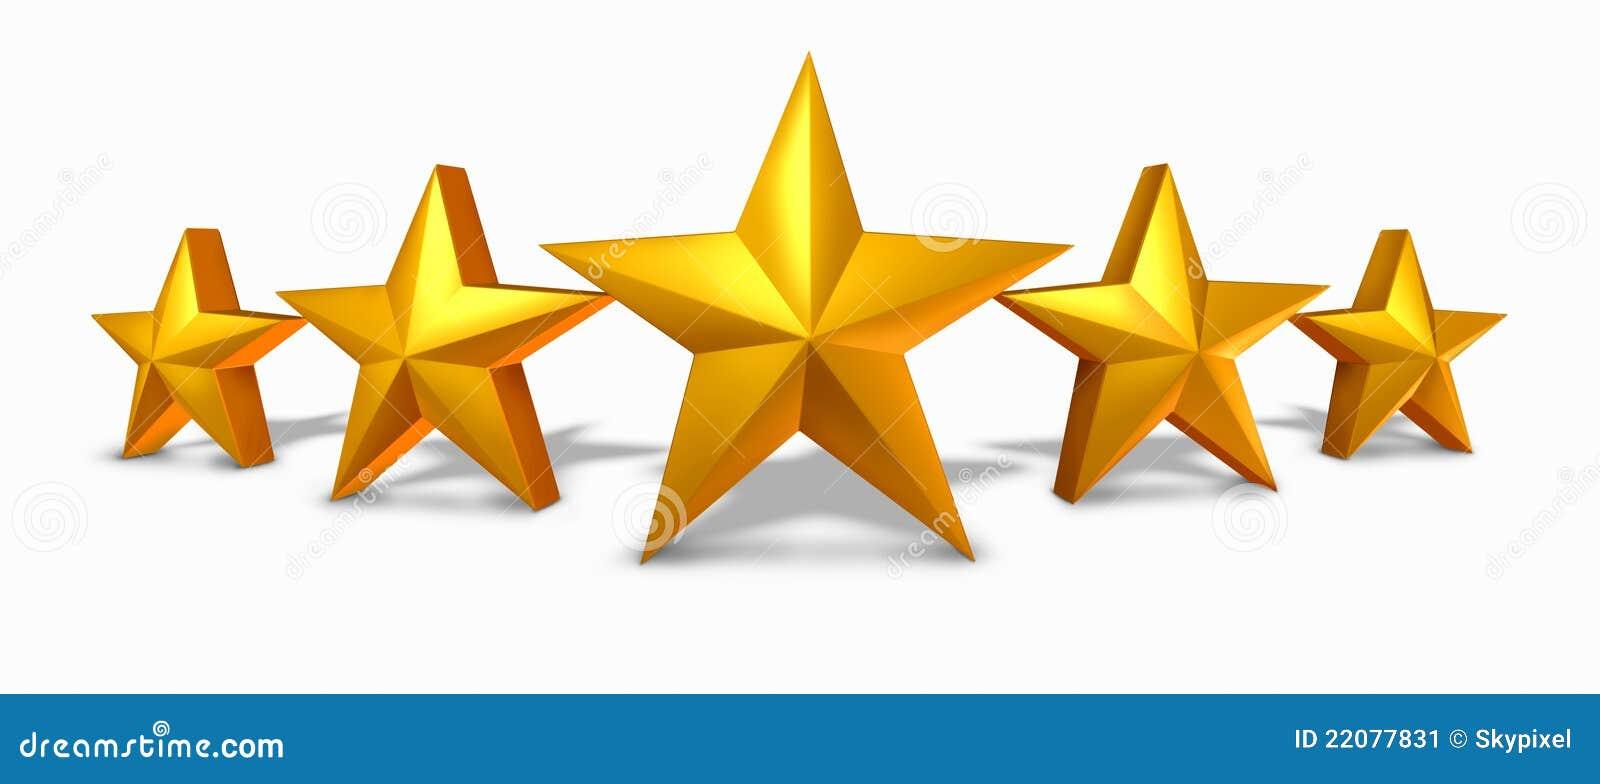 Grado de la estrella del oro con cinco estrellas de oro